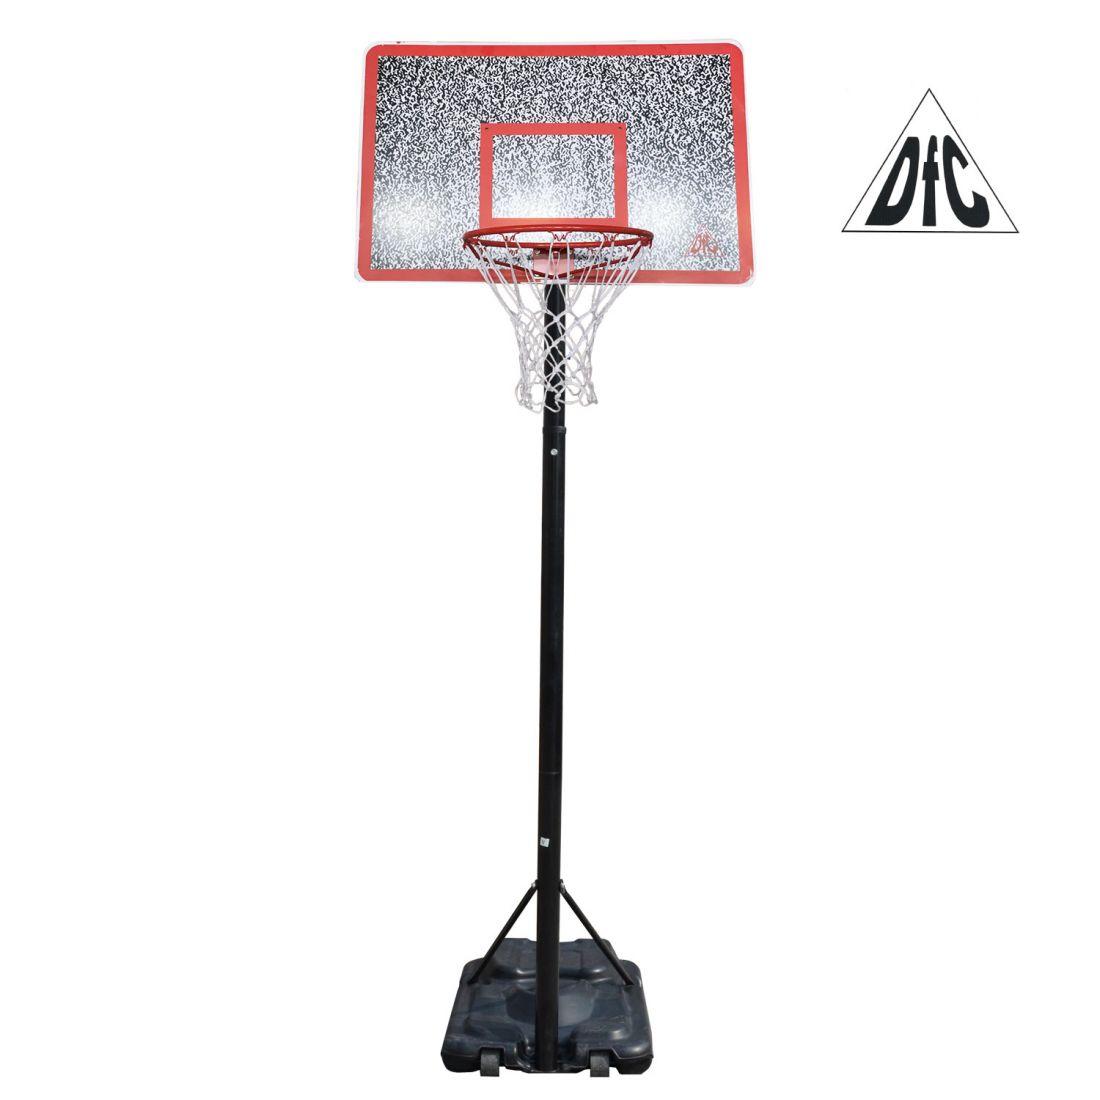 Мобильная баскетбольная стойка - DFC STAND 44M